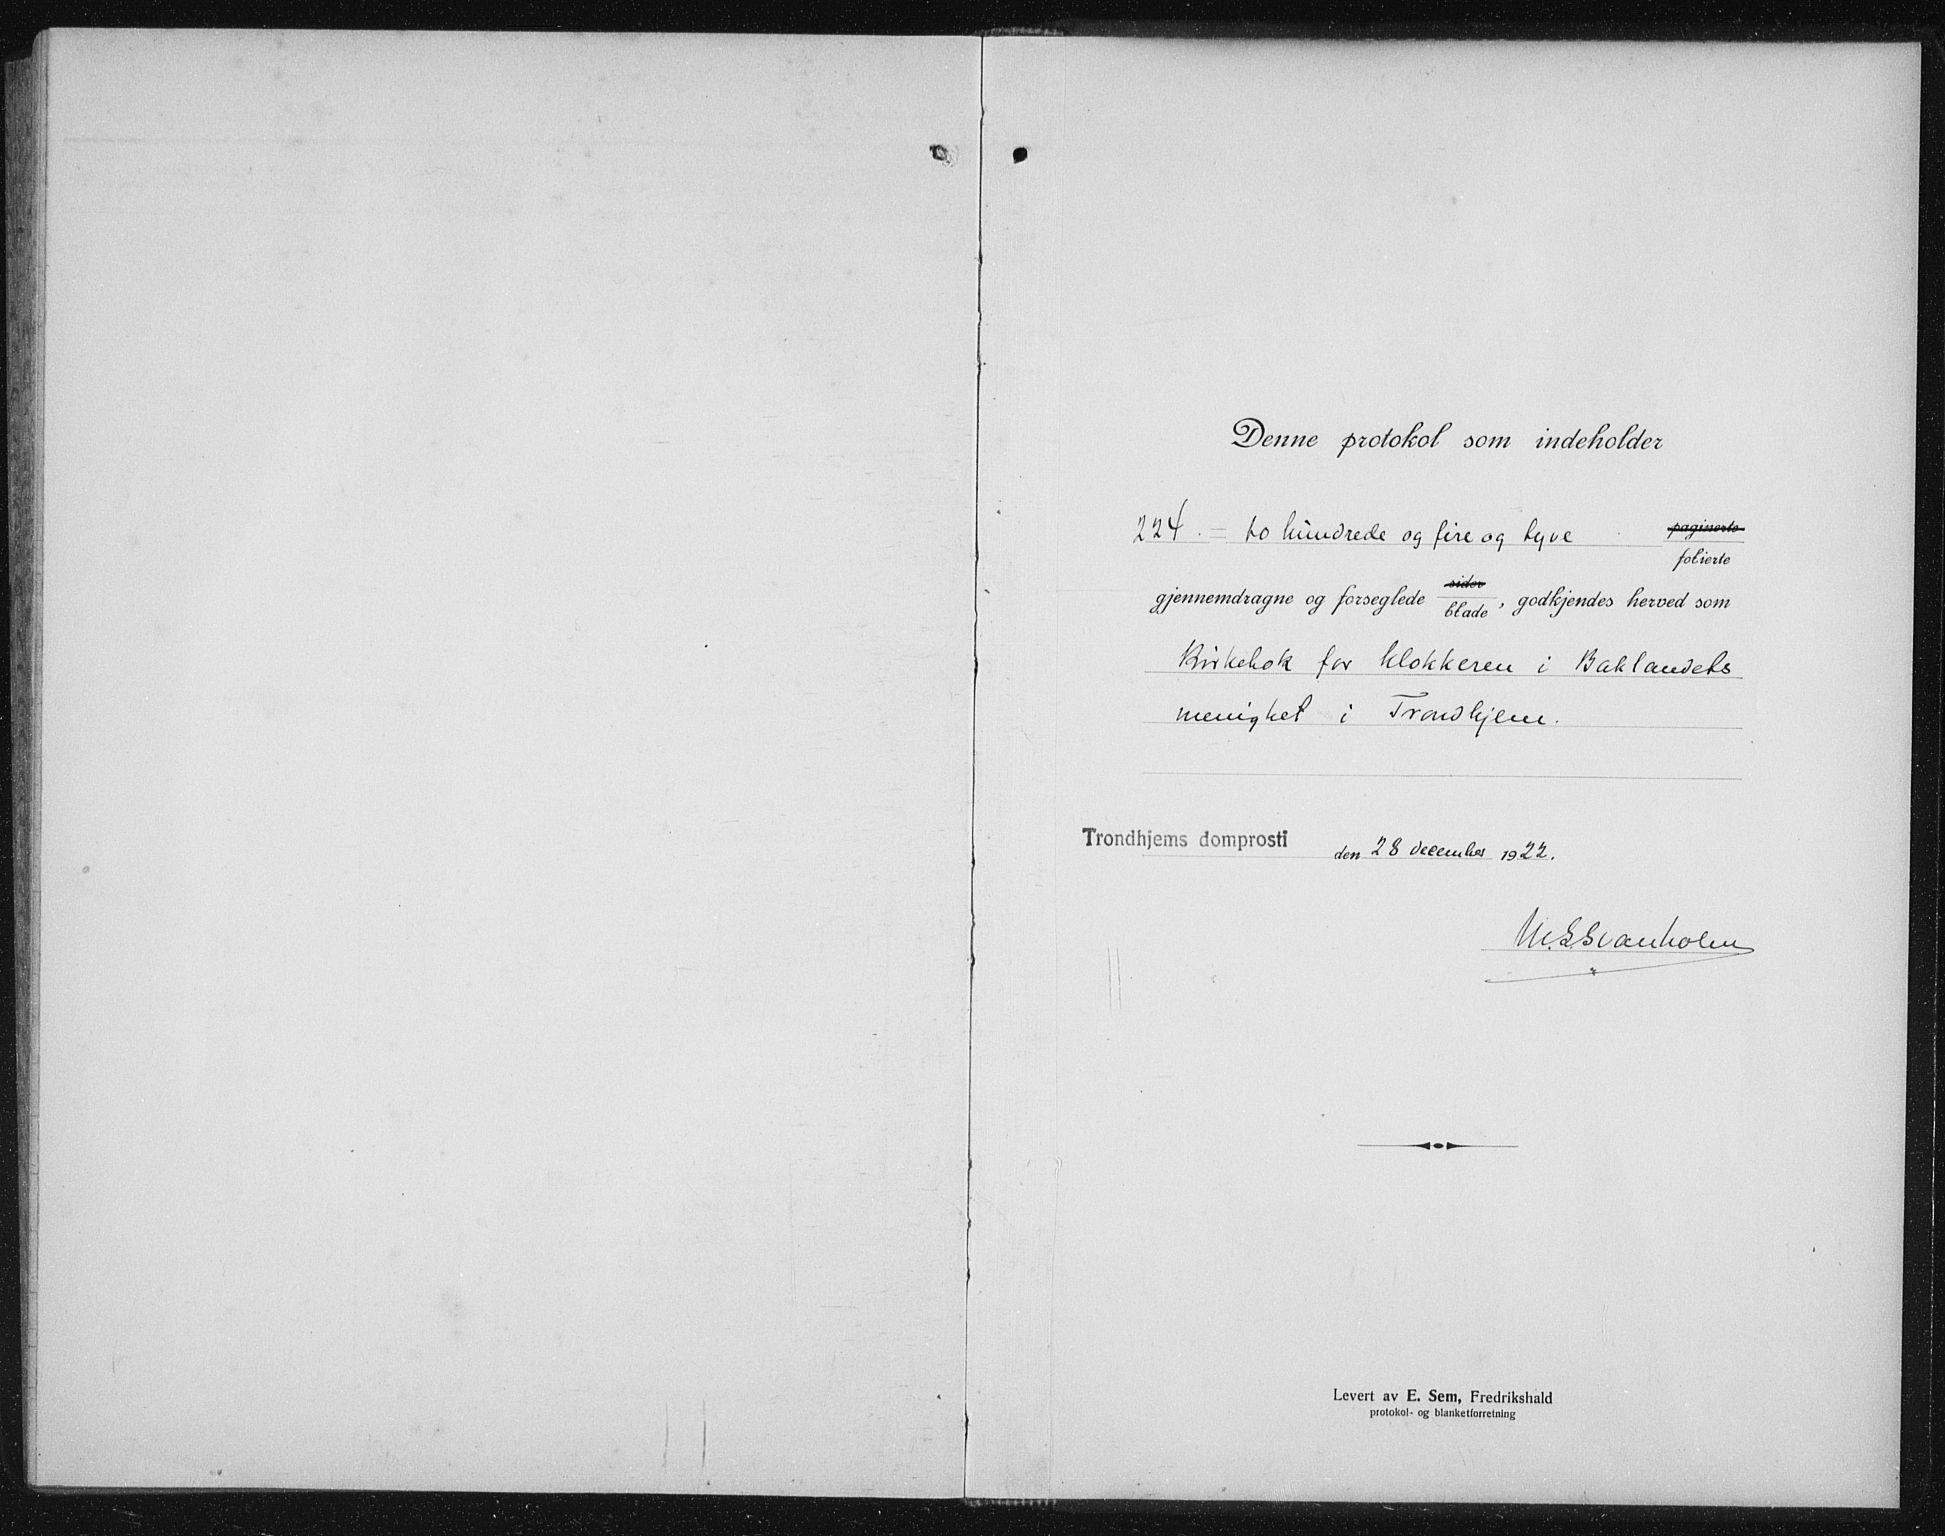 SAT, Ministerialprotokoller, klokkerbøker og fødselsregistre - Sør-Trøndelag, 604/L0227: Klokkerbok nr. 604C10, 1923-1942